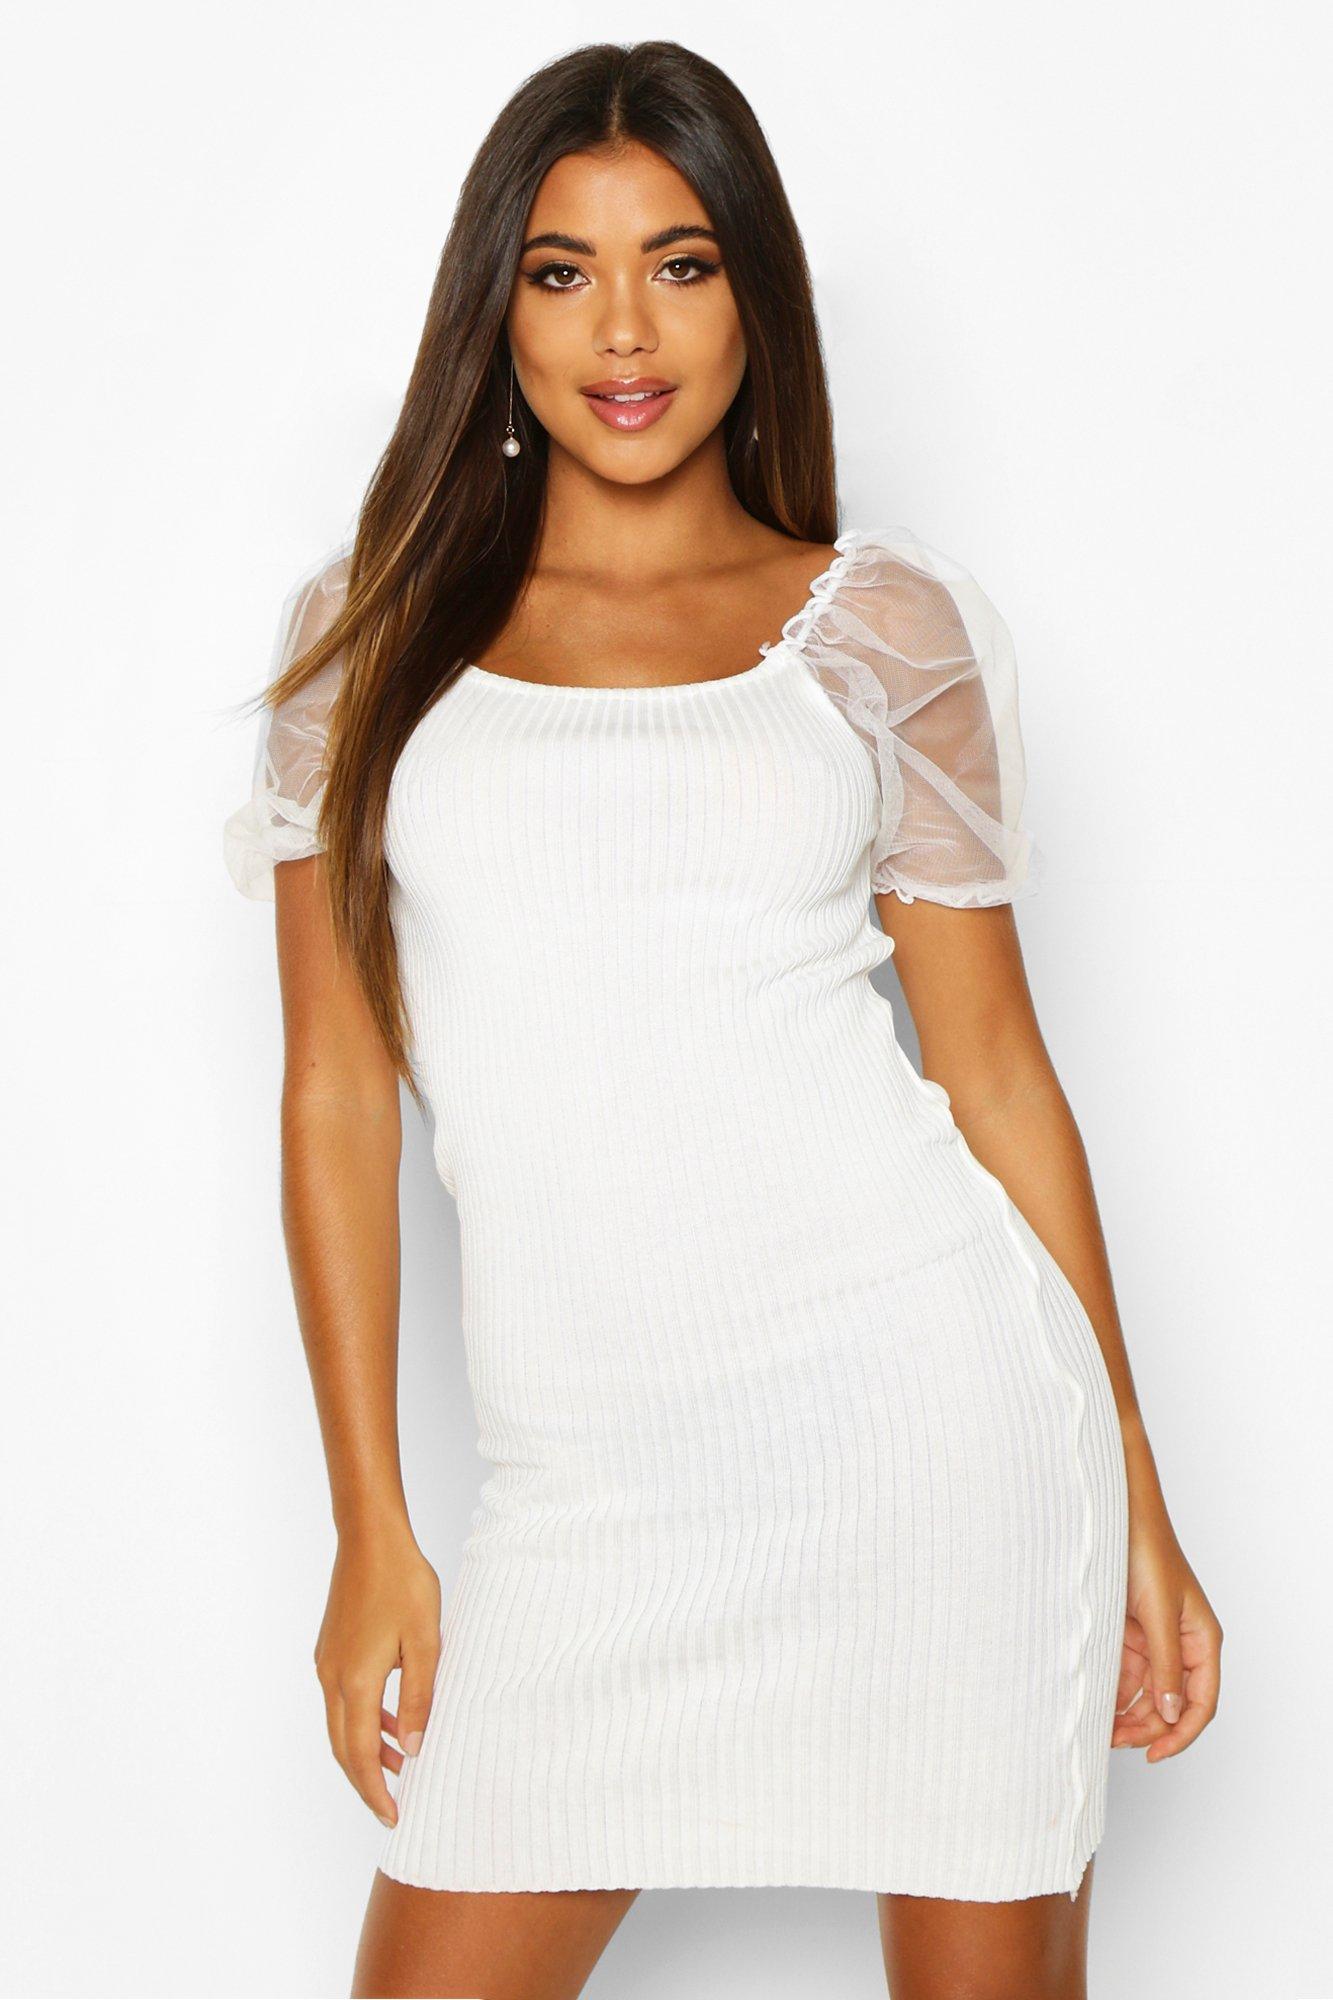 Womens Organza Kleid aus Rippstrick mit Puffärmeln - Weiß - S/M, Weiß - Boohoo.com